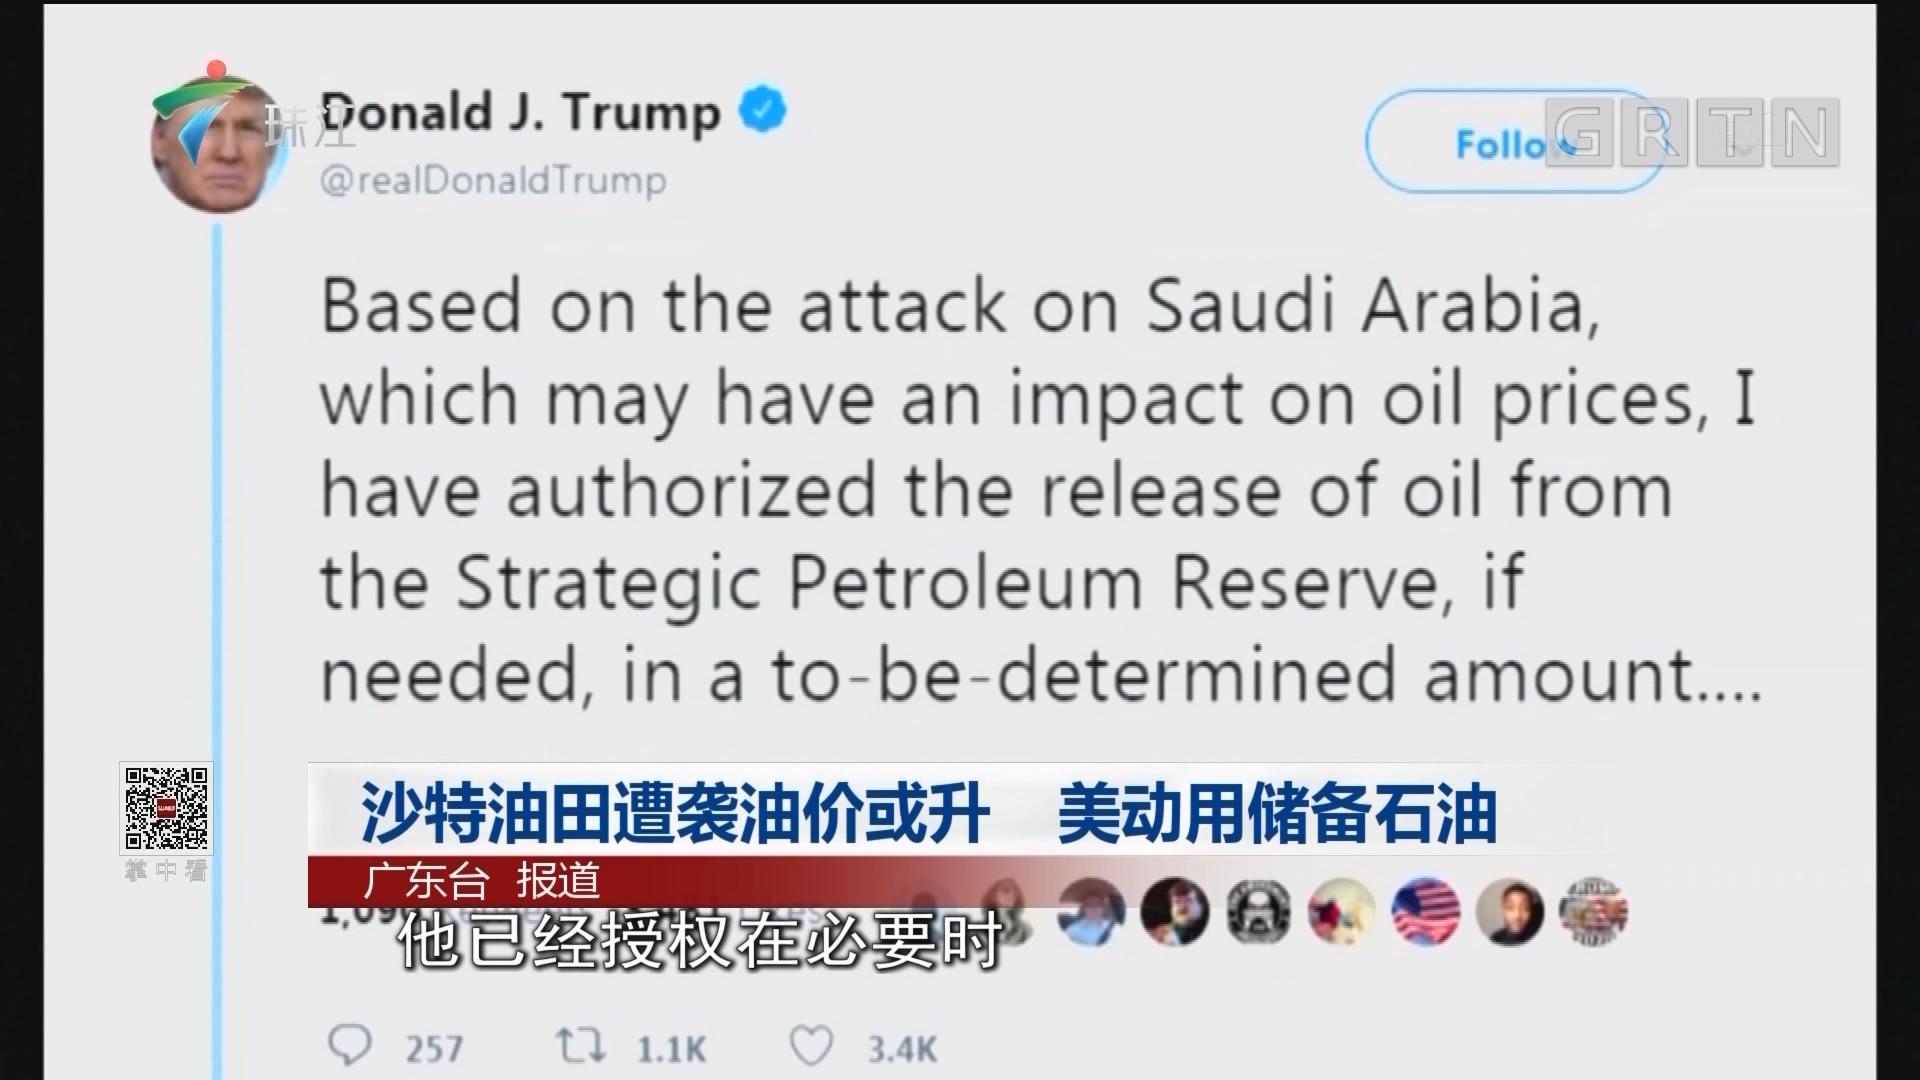 沙特油田遭袭油价或升 美动用储备石油